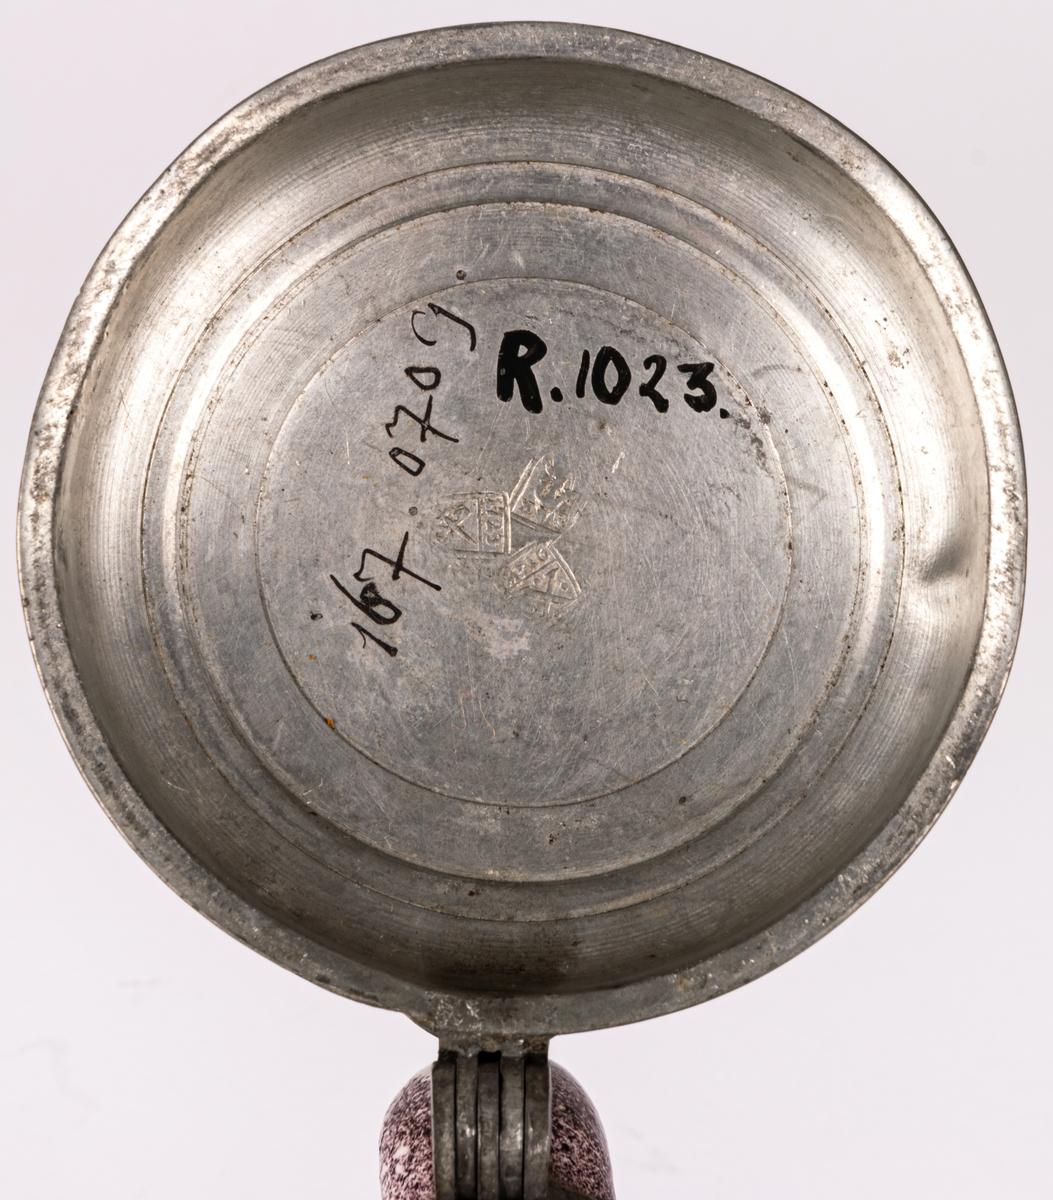 Stop i fajans och tenn, polykrom dekor. I locket stämplar och årtal 1723.